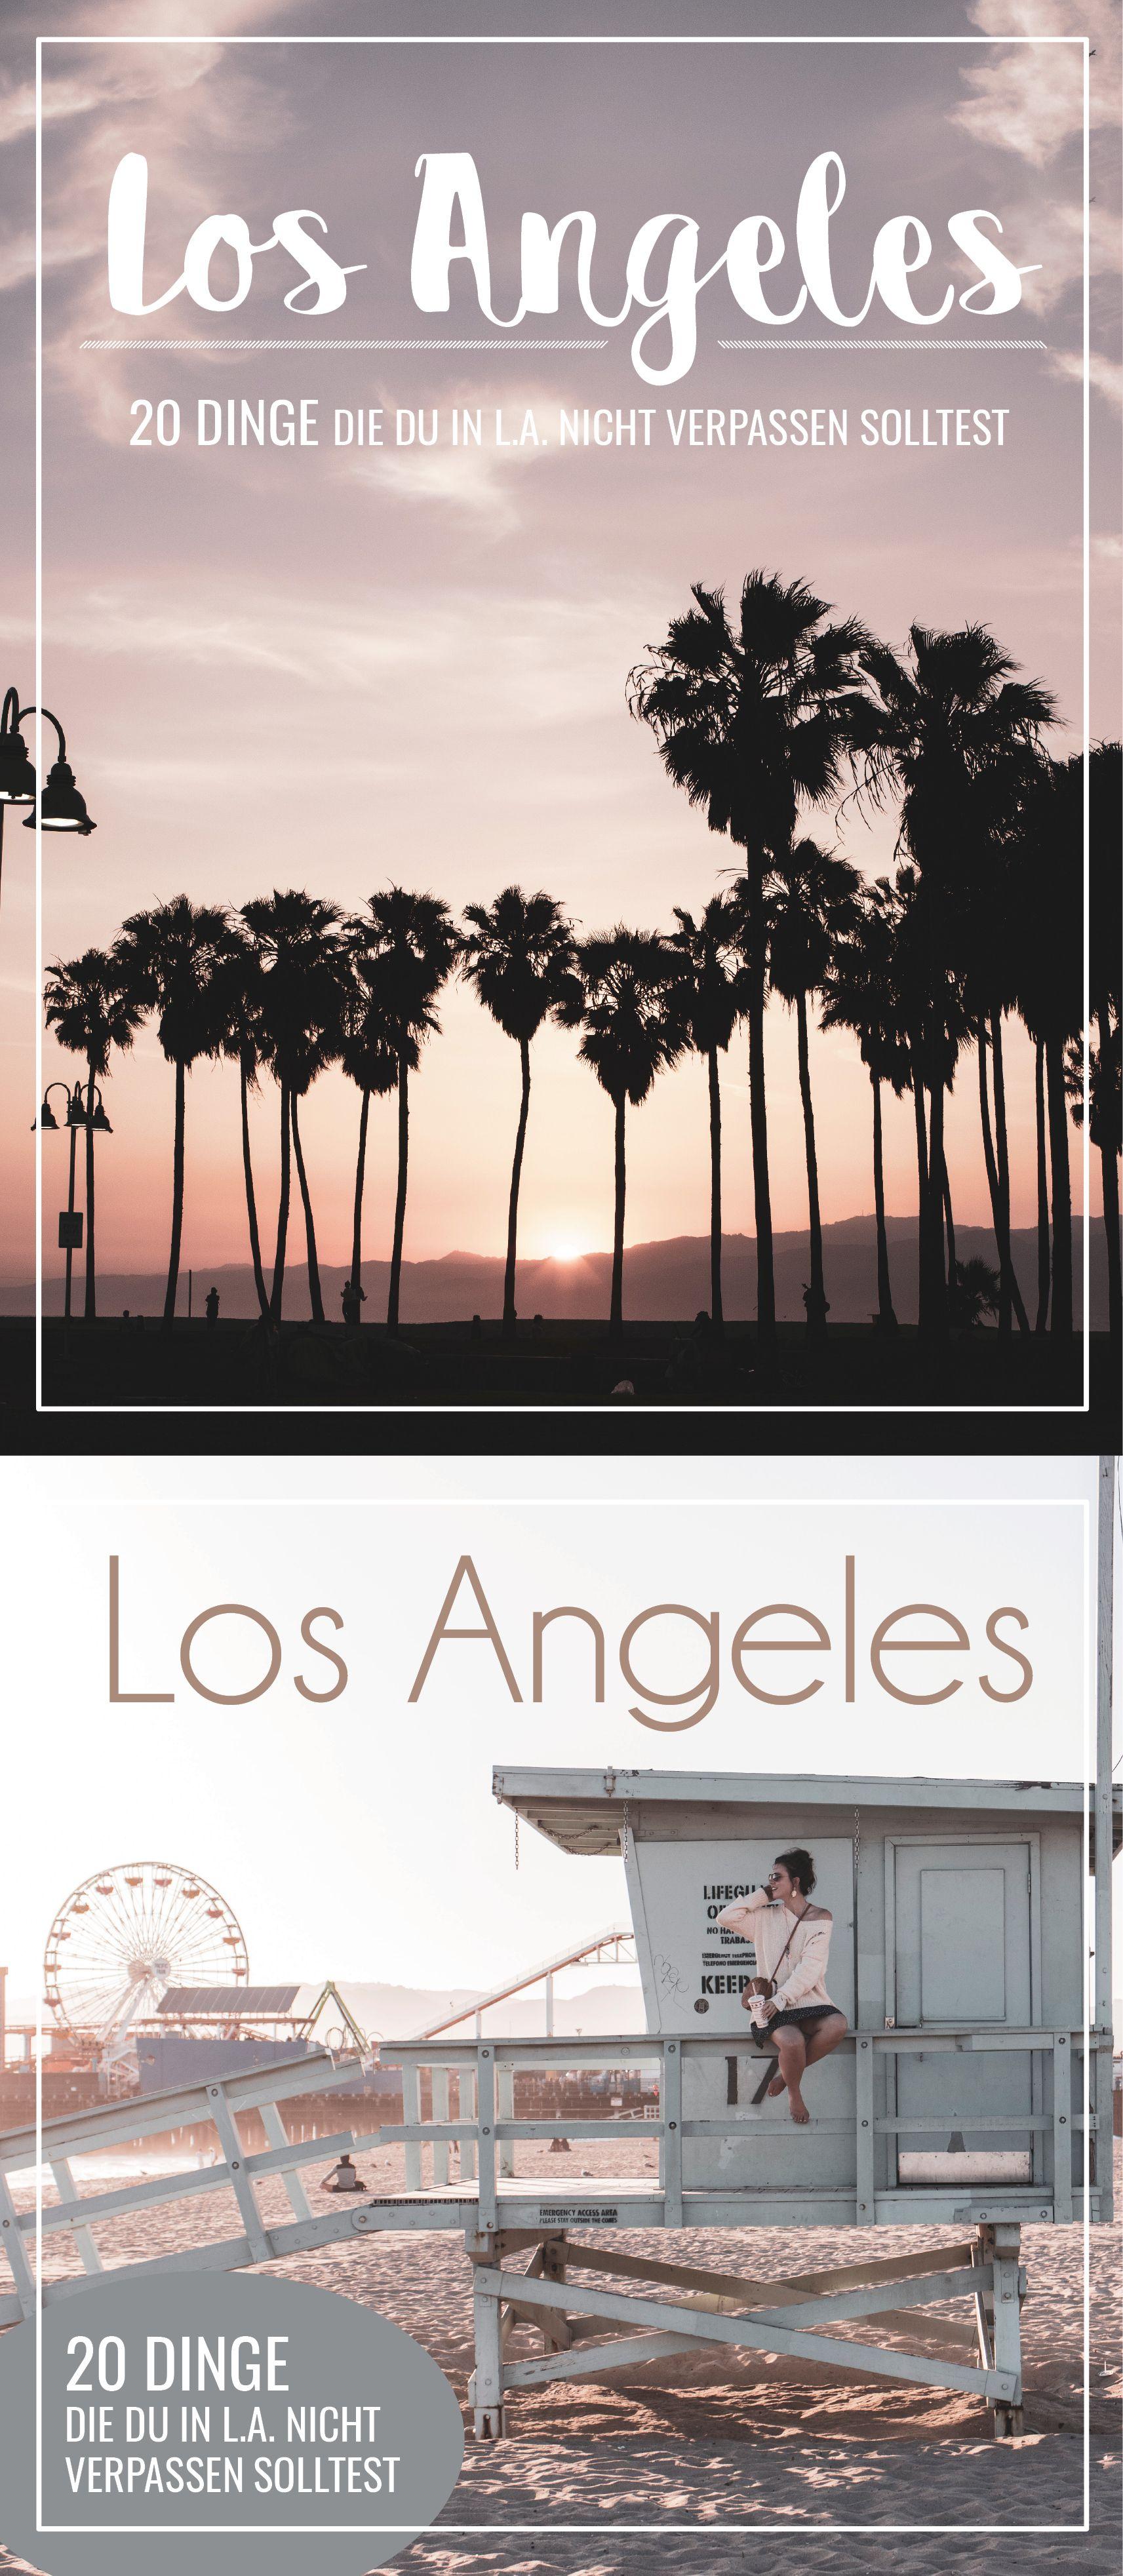 20 Dinge die du in Los Angeles erlebet haben musst. Sollte dir jemand erzählen, dass man in L.A. nichts unternehmen kann, dann haben wir hier 20 ultimative Tipps, die jede Langeweile vertreiben und ihr ja vielleicht sogar noch eine Nacht länger in der Stadt er Sternchen bleiben wollt. #usatravel